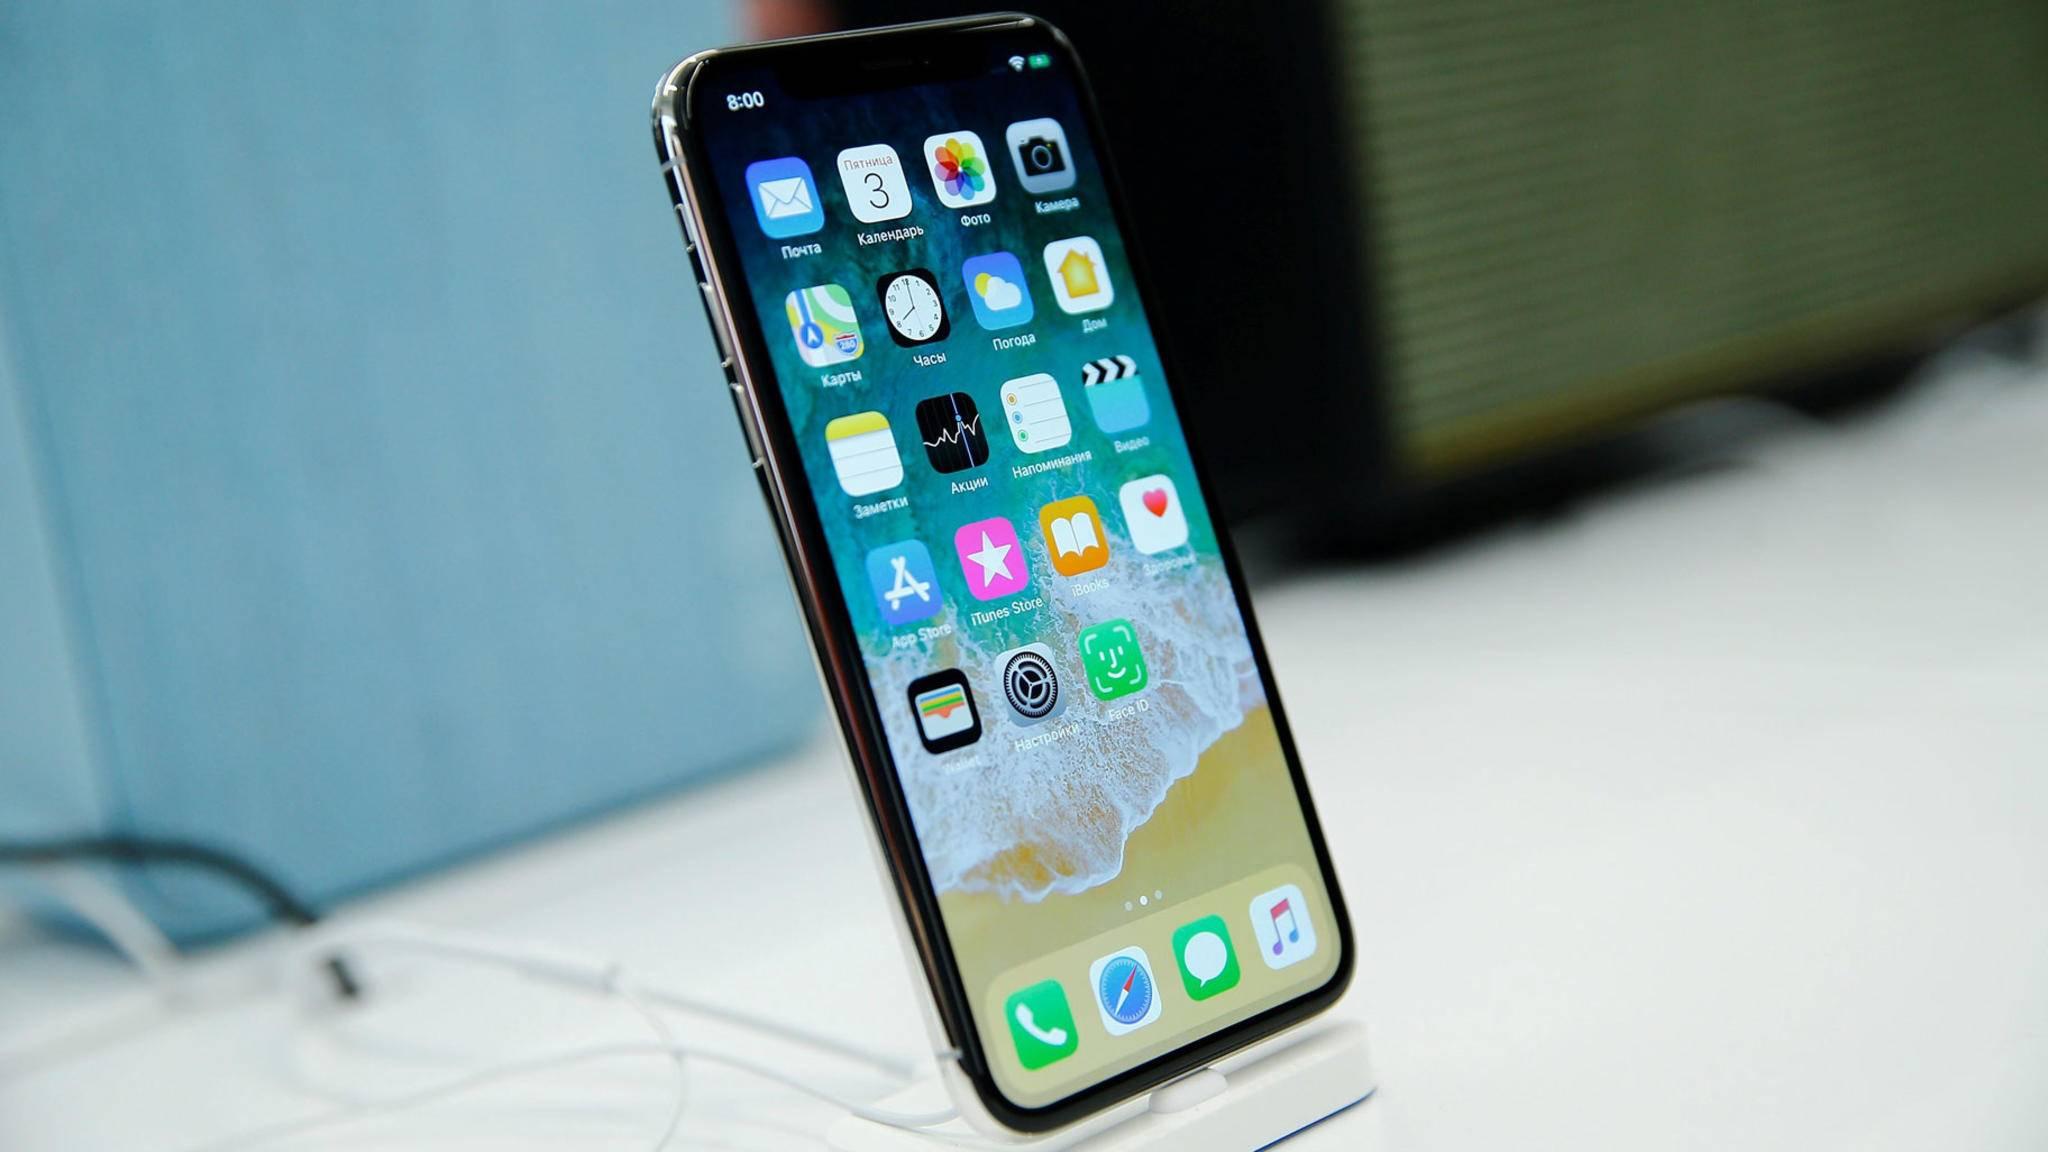 Das iPhone X verfügt über einen exklusiven Klingelton – und so kannst Du ihn Dir holen.